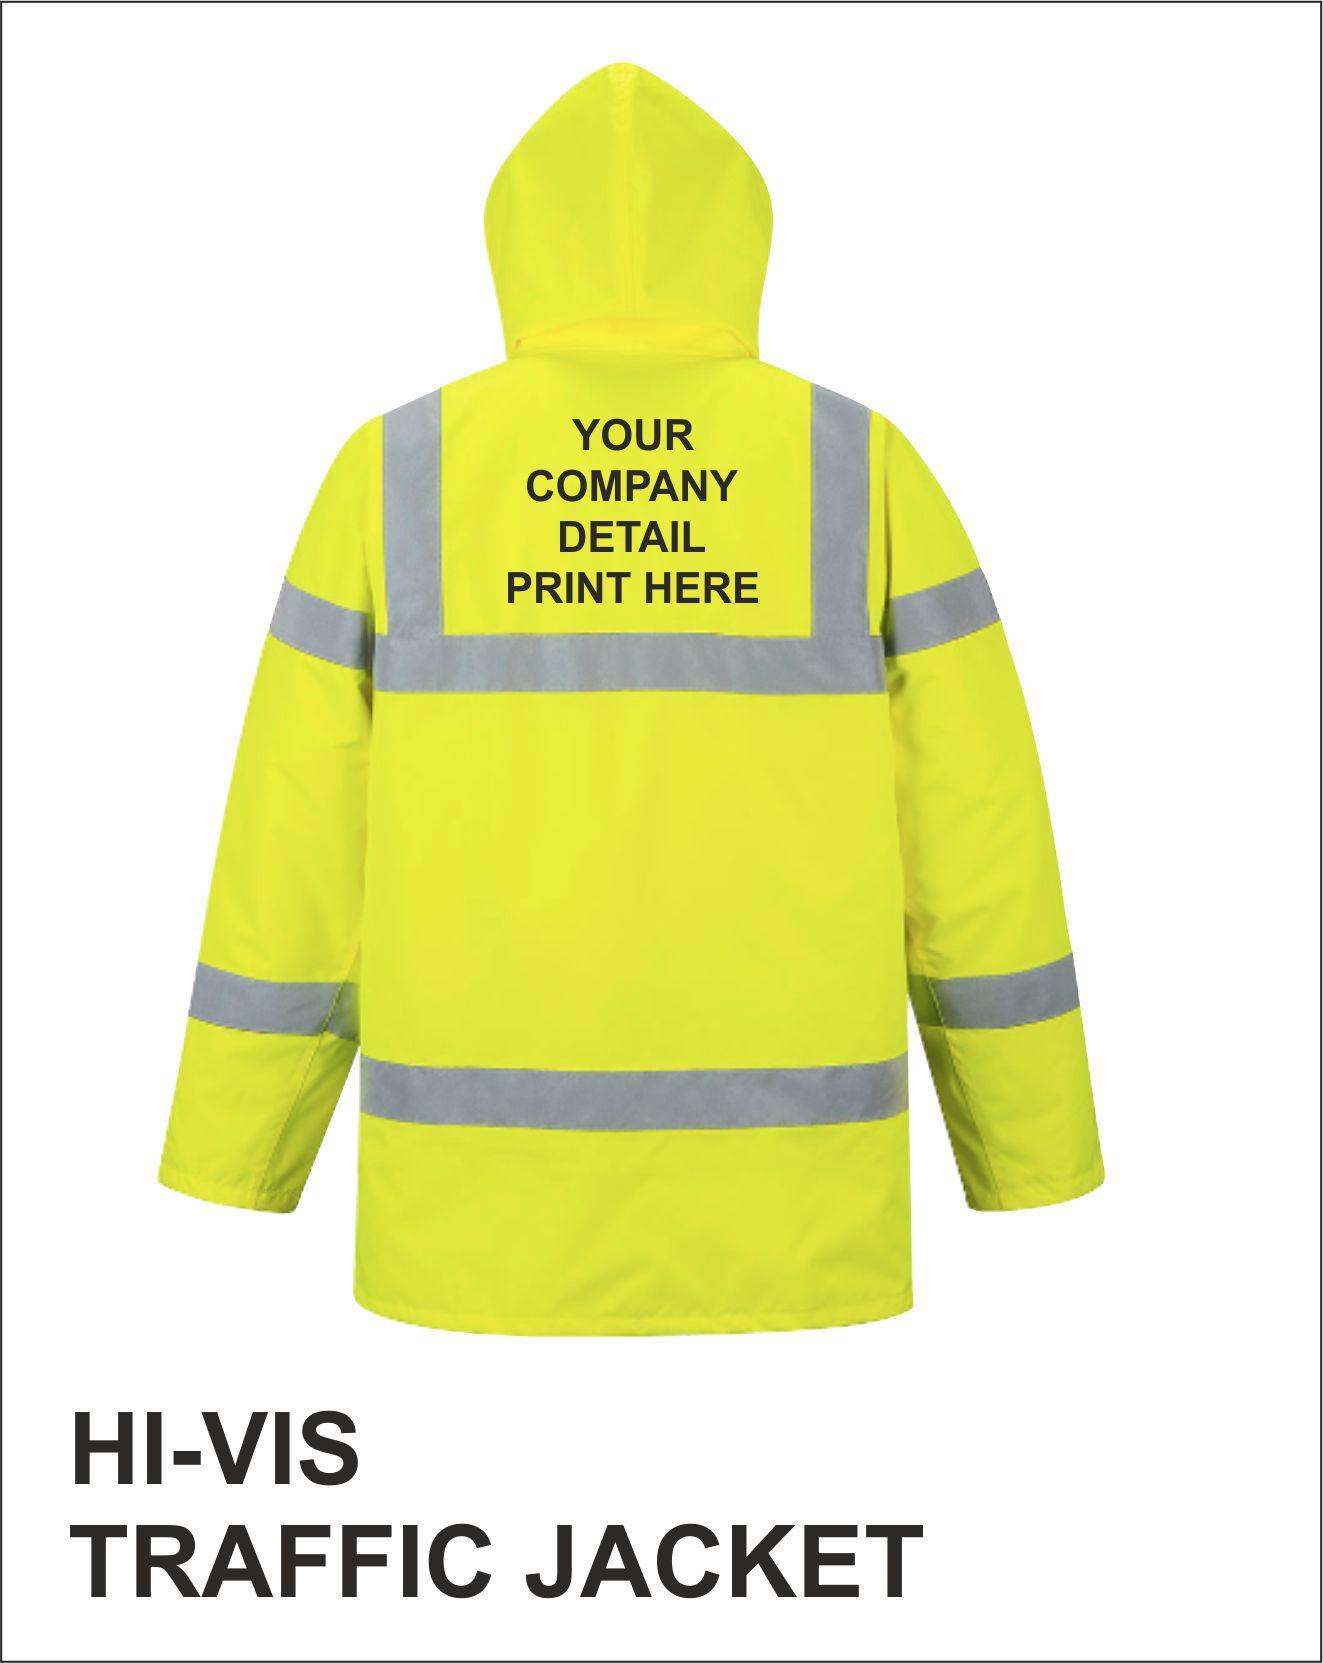 Traffic Jacket Yellow Print Detail